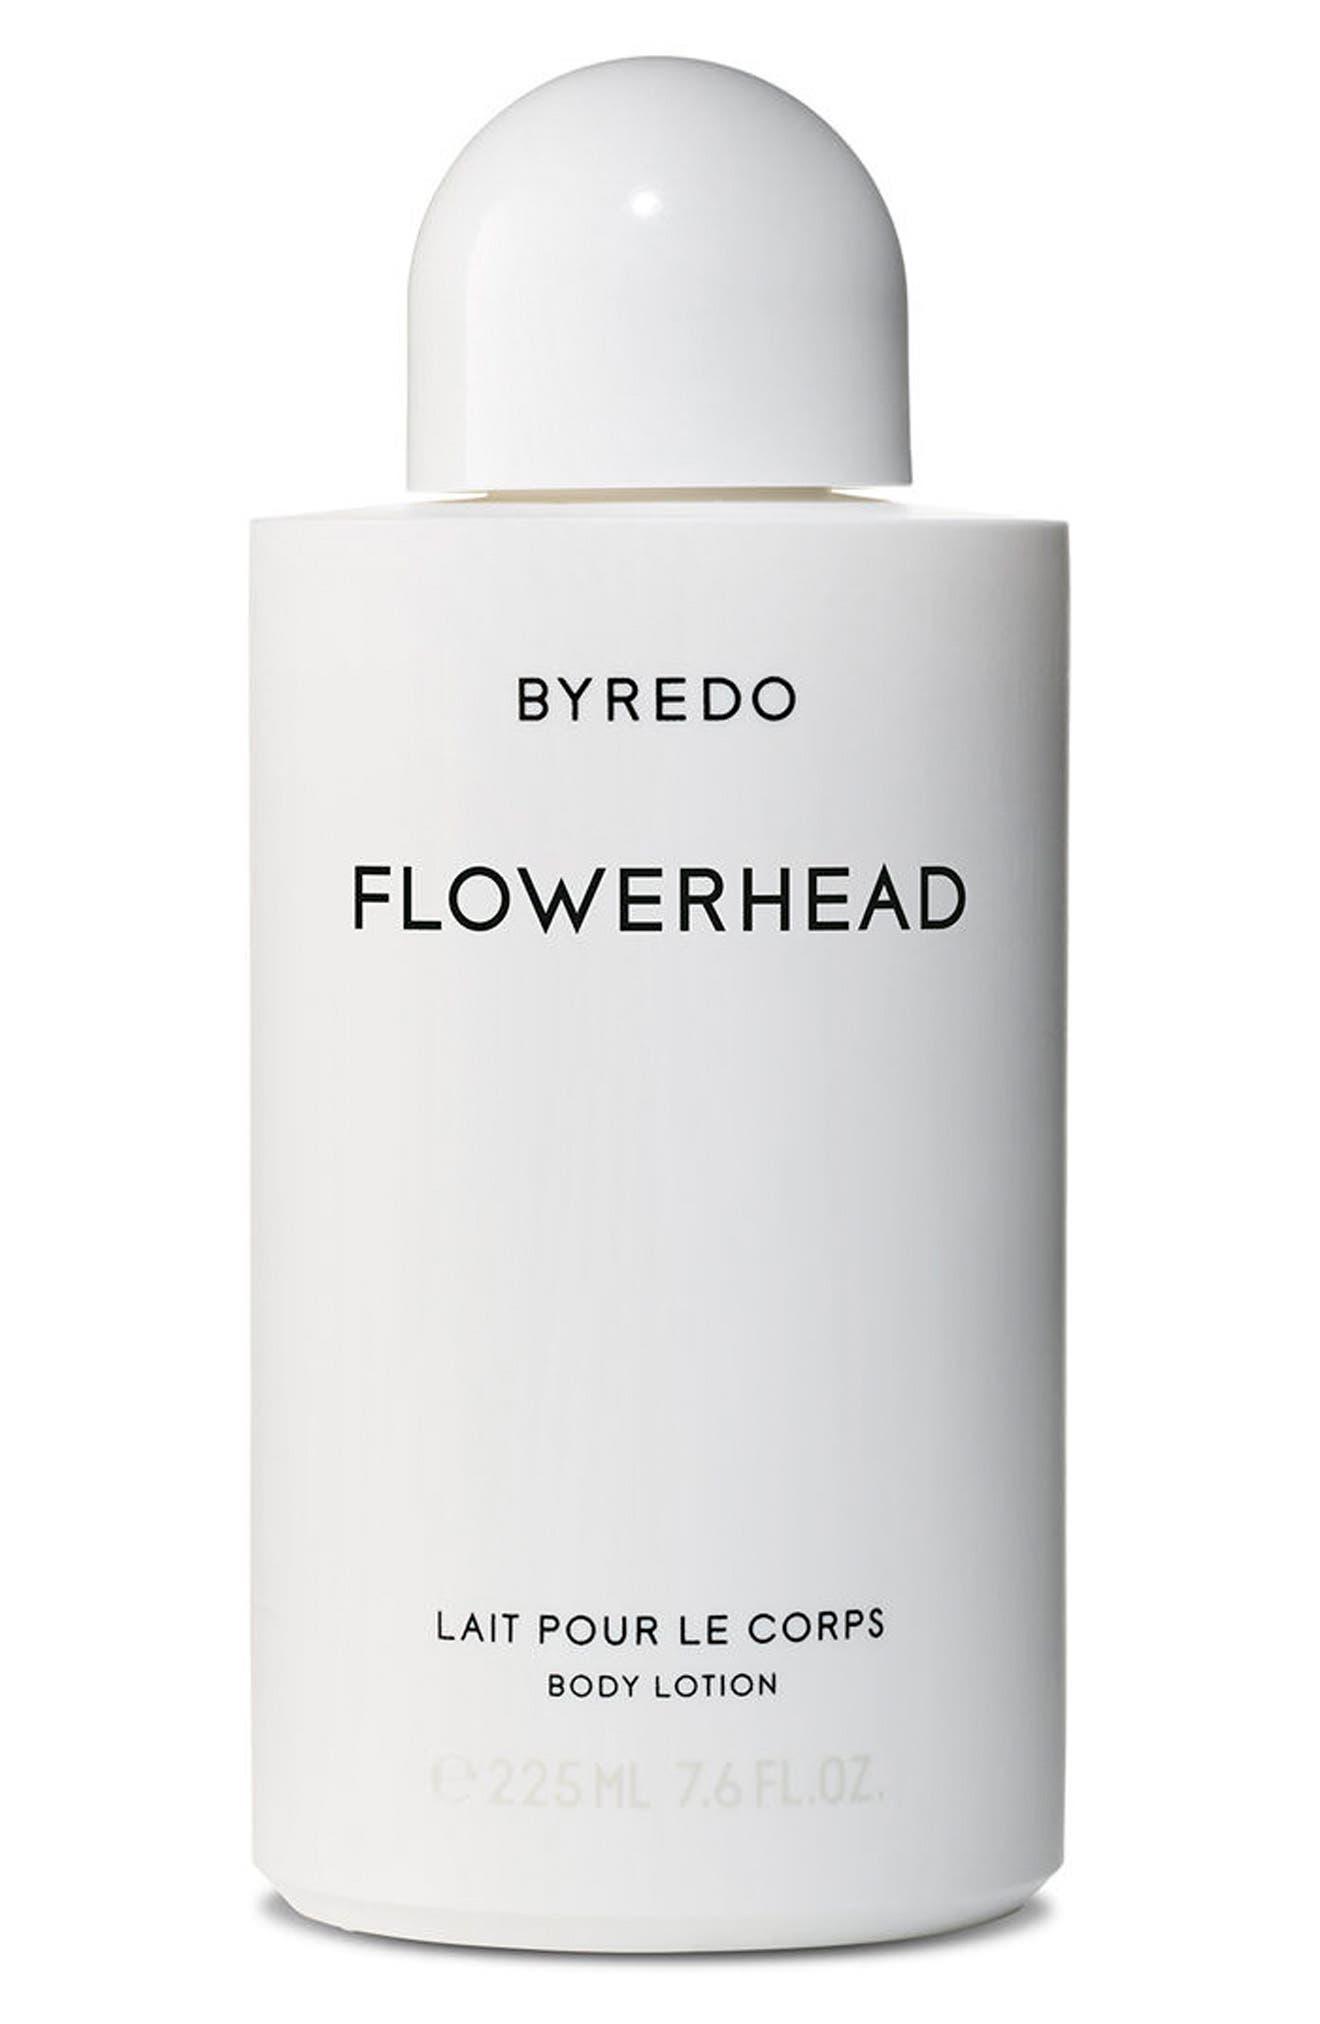 BYREDO Flowerhead Body Lotion